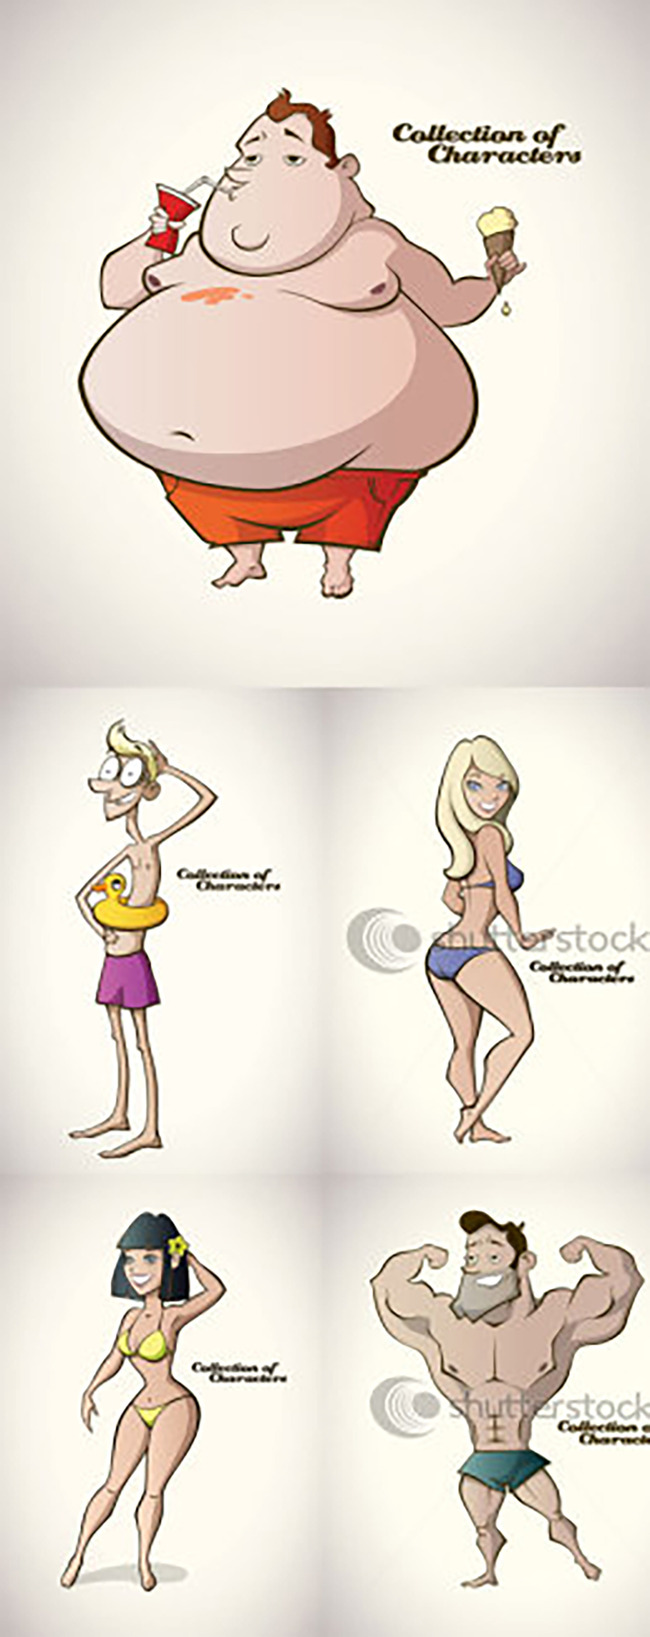 胖瘦运动卡通人物 胖子卡通人物图片